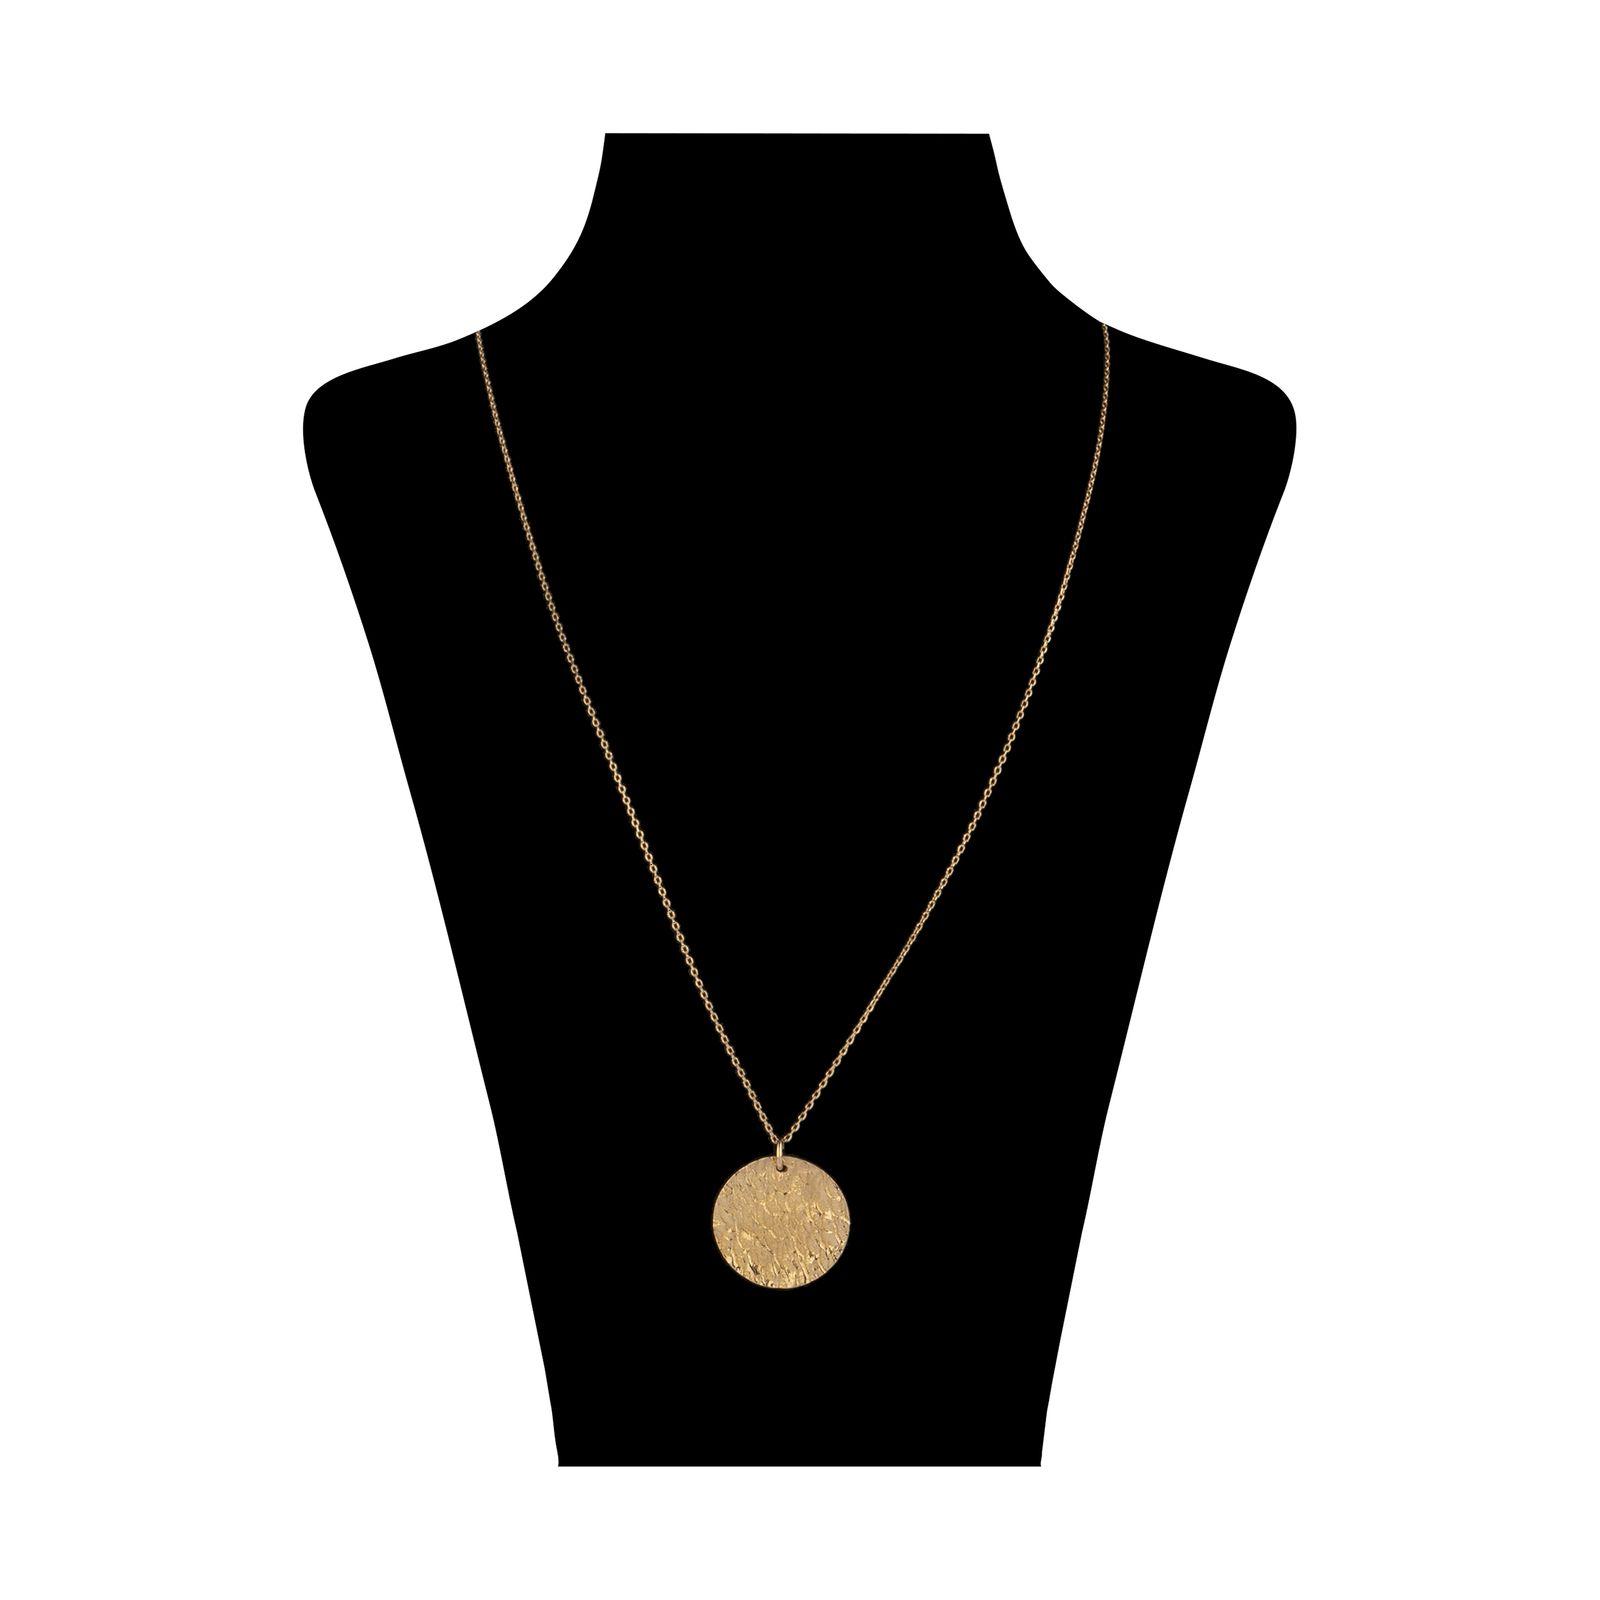 گردنبند طلا 18 عیار زنانه سنجاق مدل X077525 -  - 1